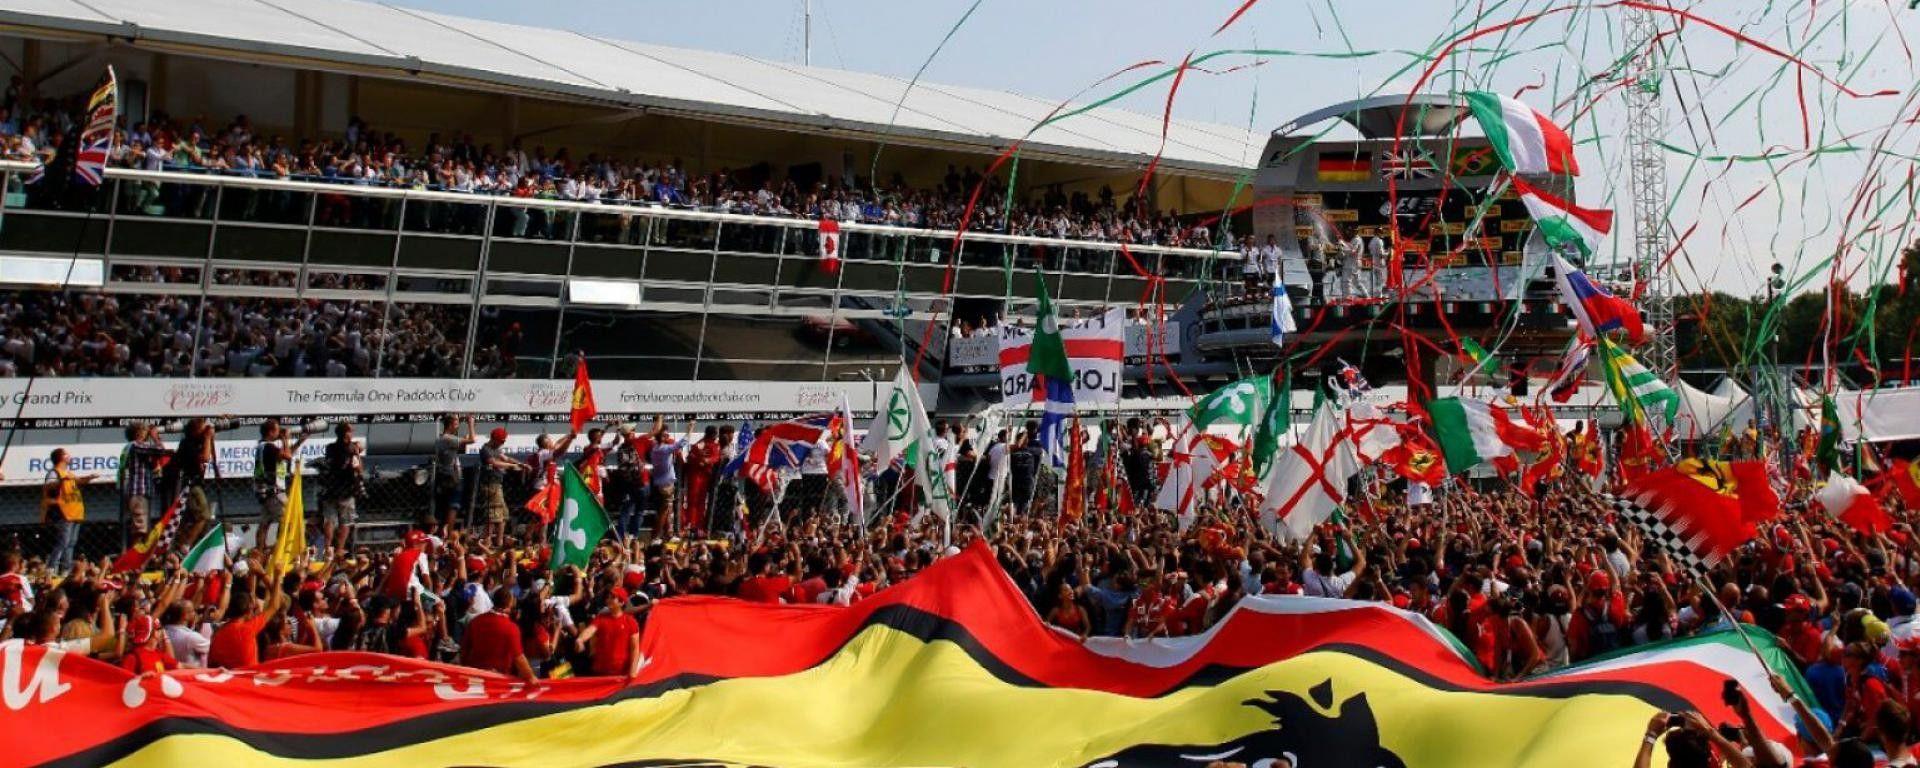 Le parole di Carey preoccupano Silverstone, Interlagos e Monza